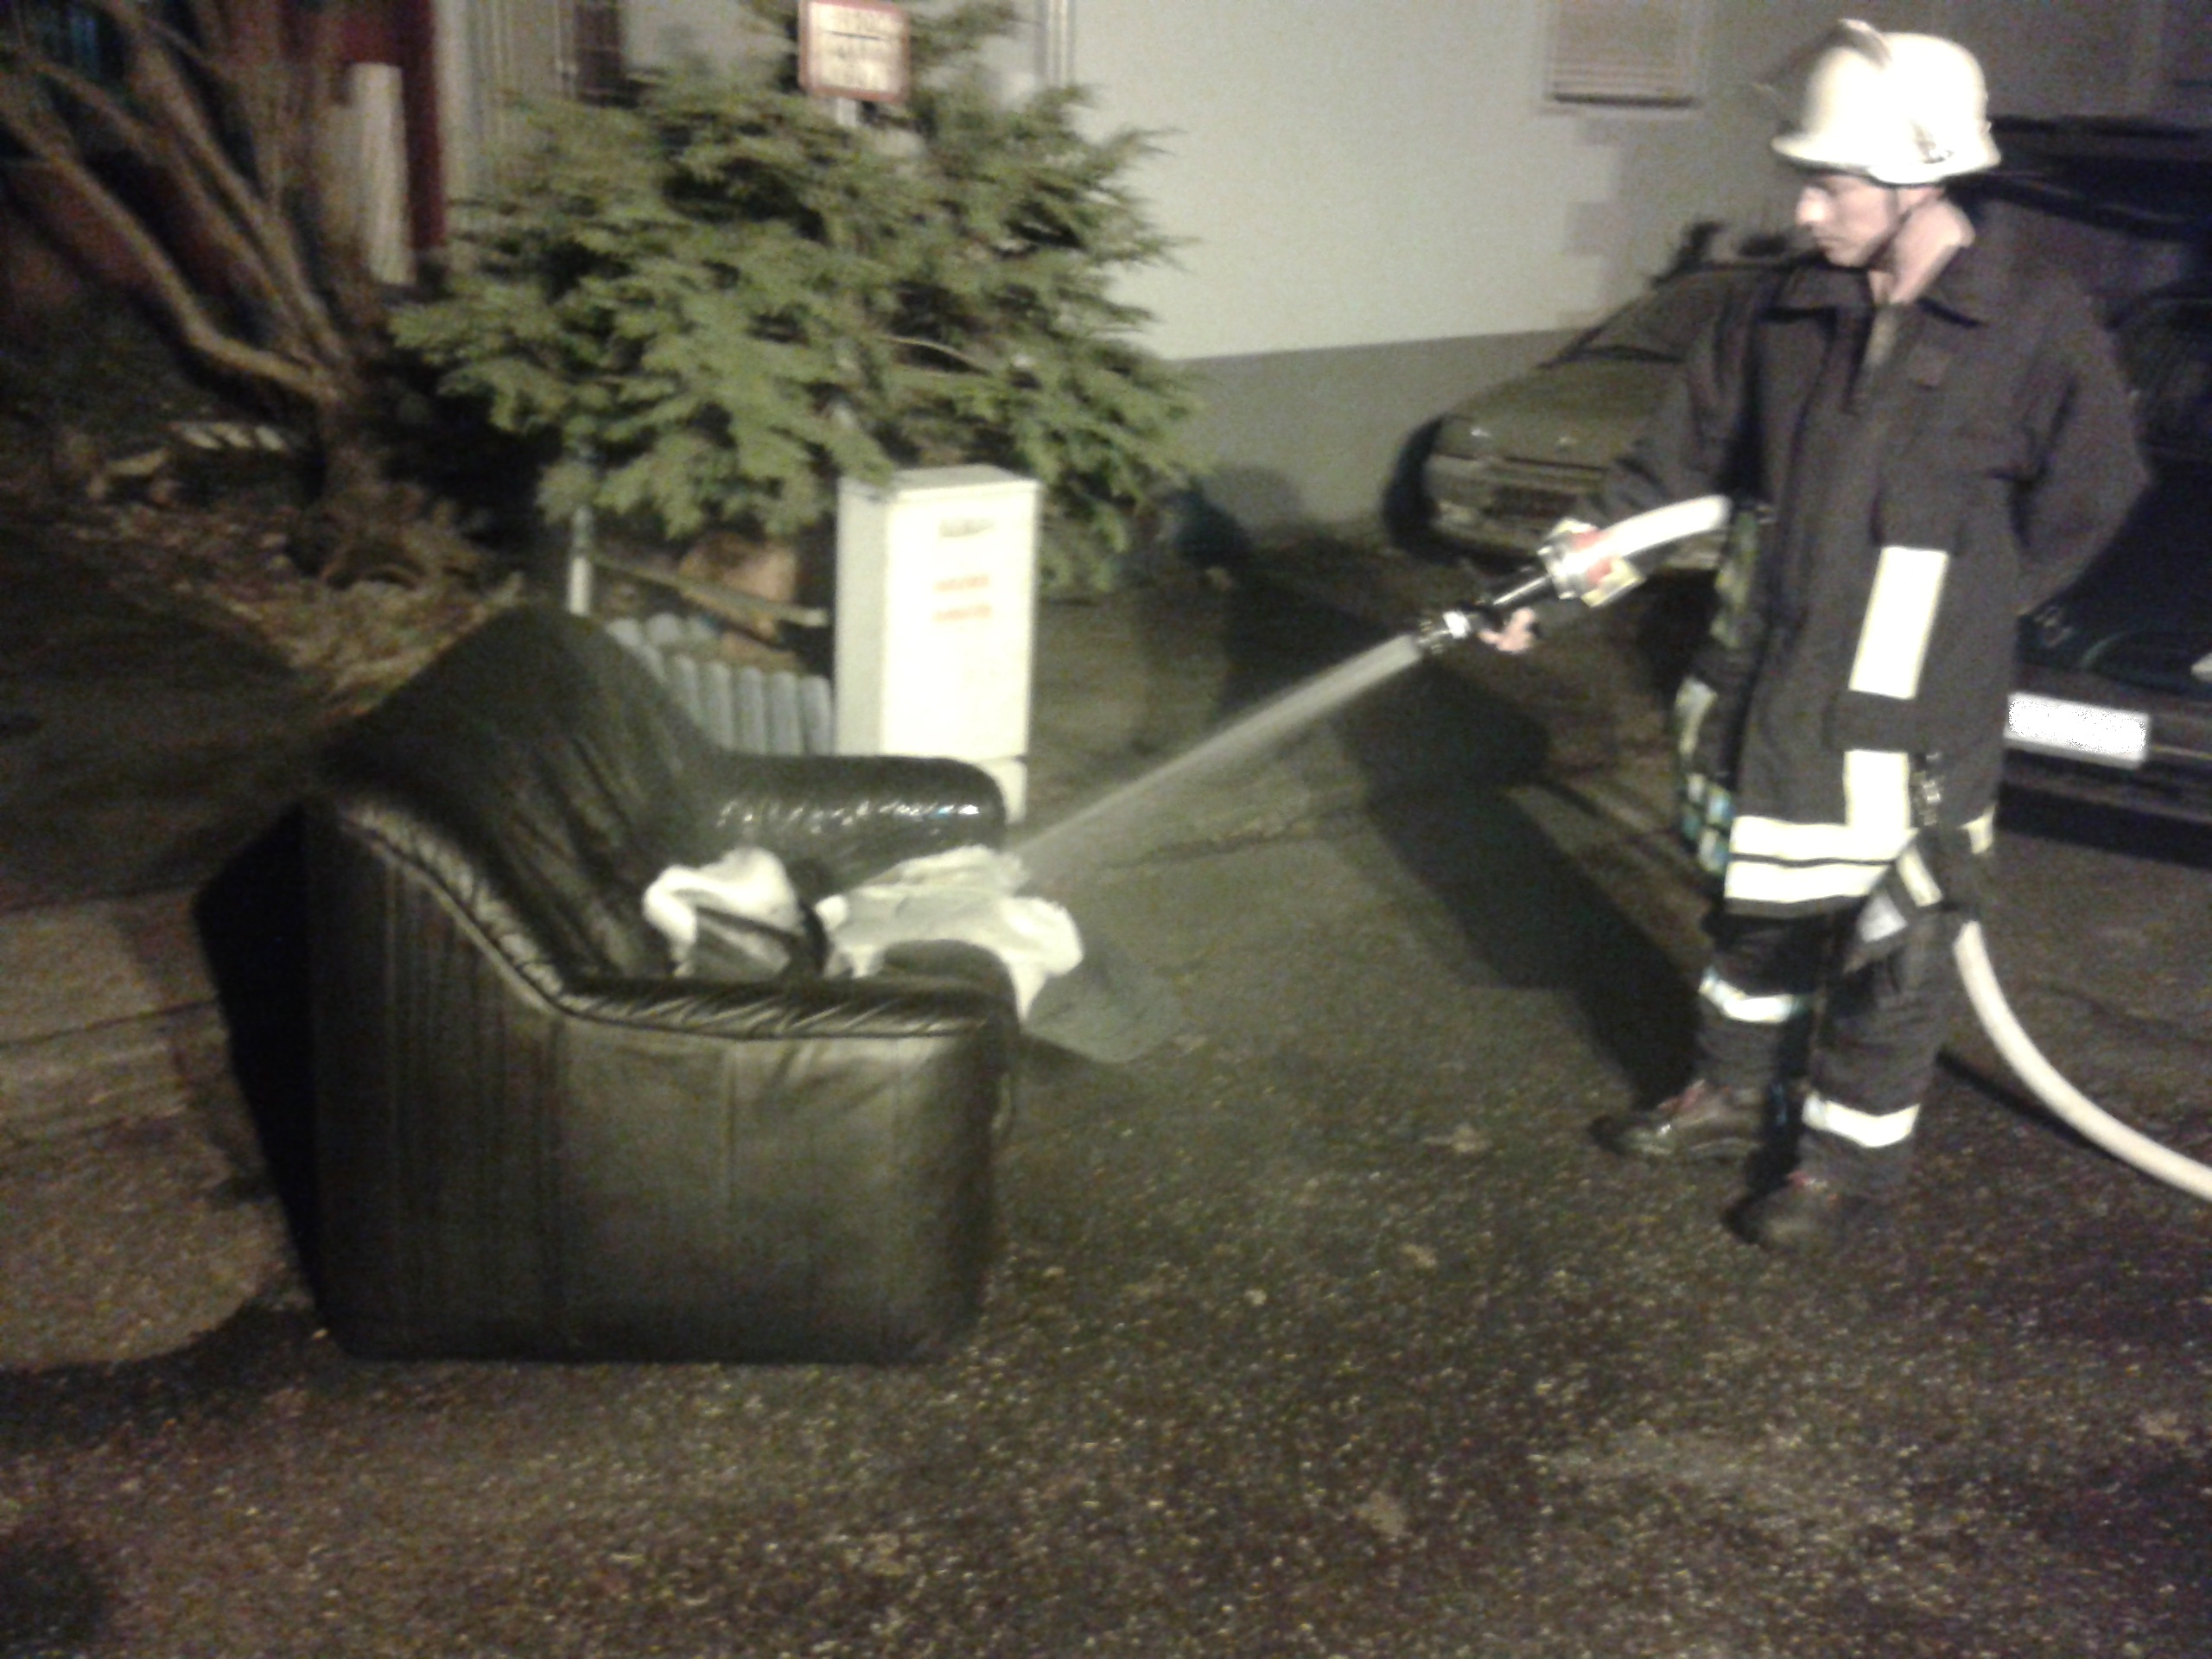 f1 brandnachschau freiwillige feuerwehr simmern westerwald. Black Bedroom Furniture Sets. Home Design Ideas